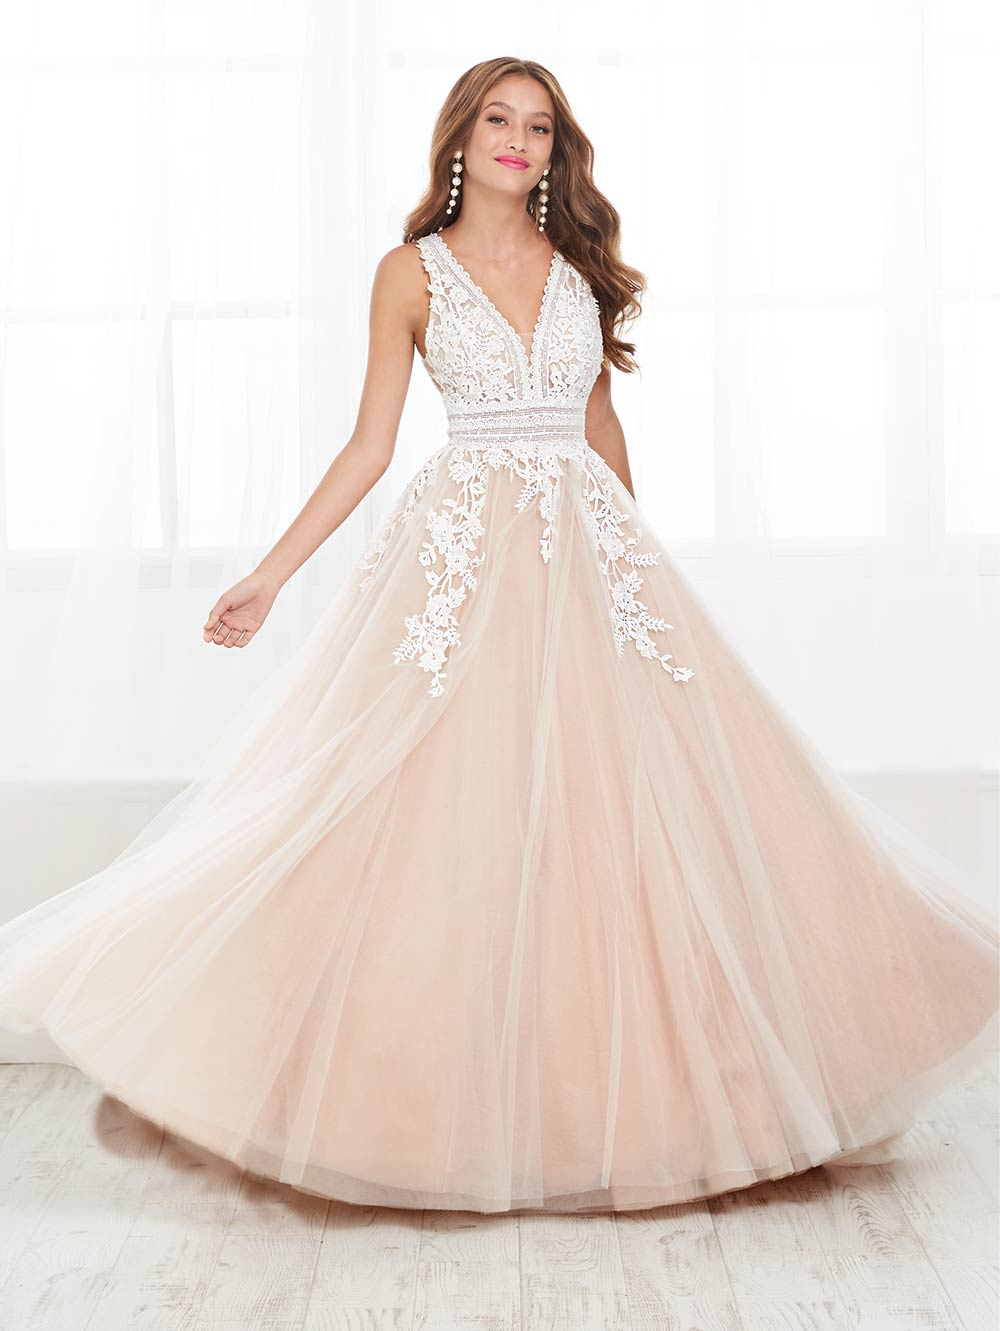 prom-dresses-jacquelin-bridals-canada-27633